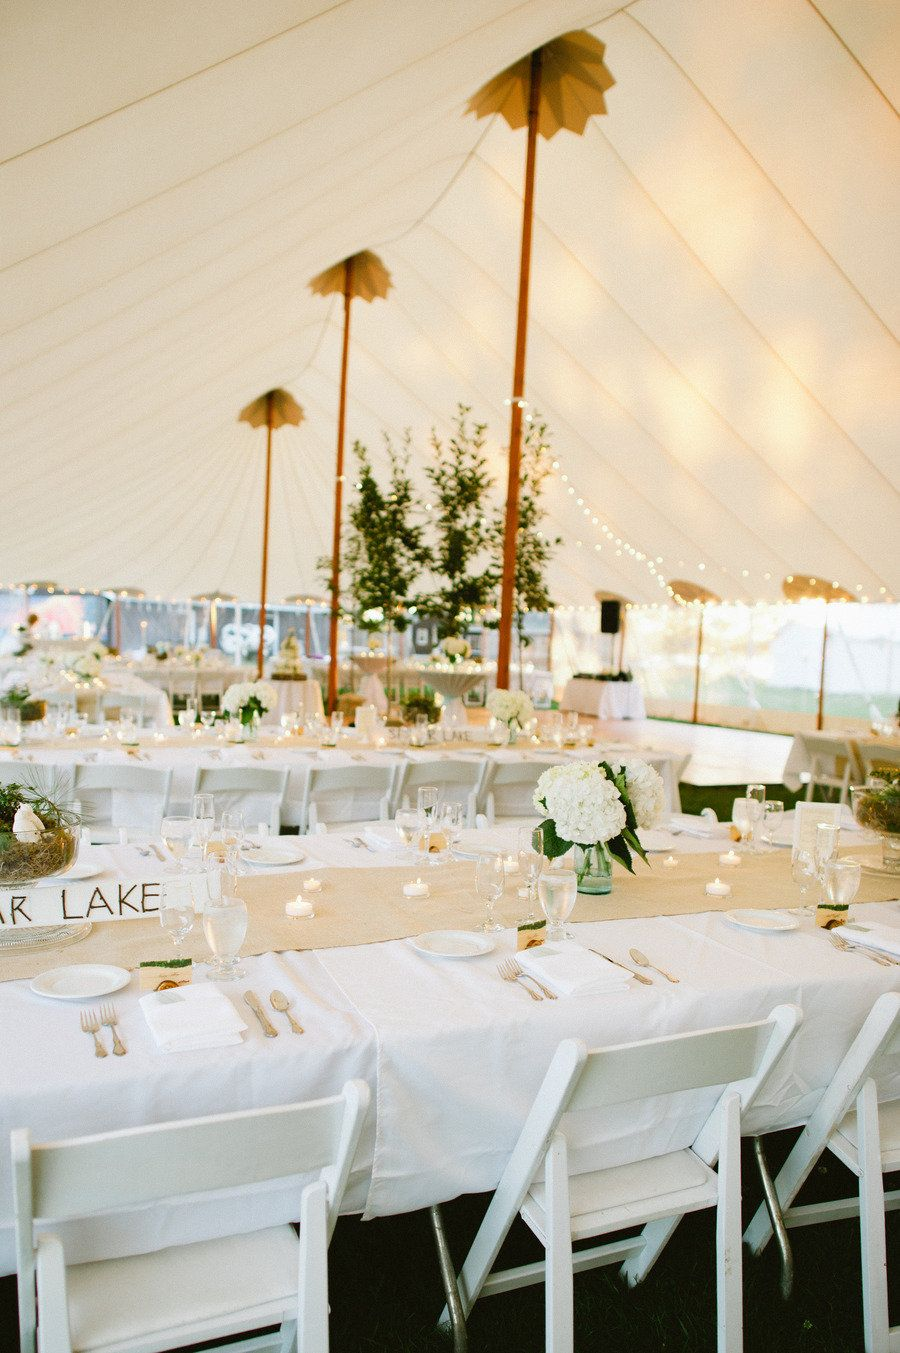 Xhosa wedding decor ideas  Ncuthu ncuthu on Pinterest